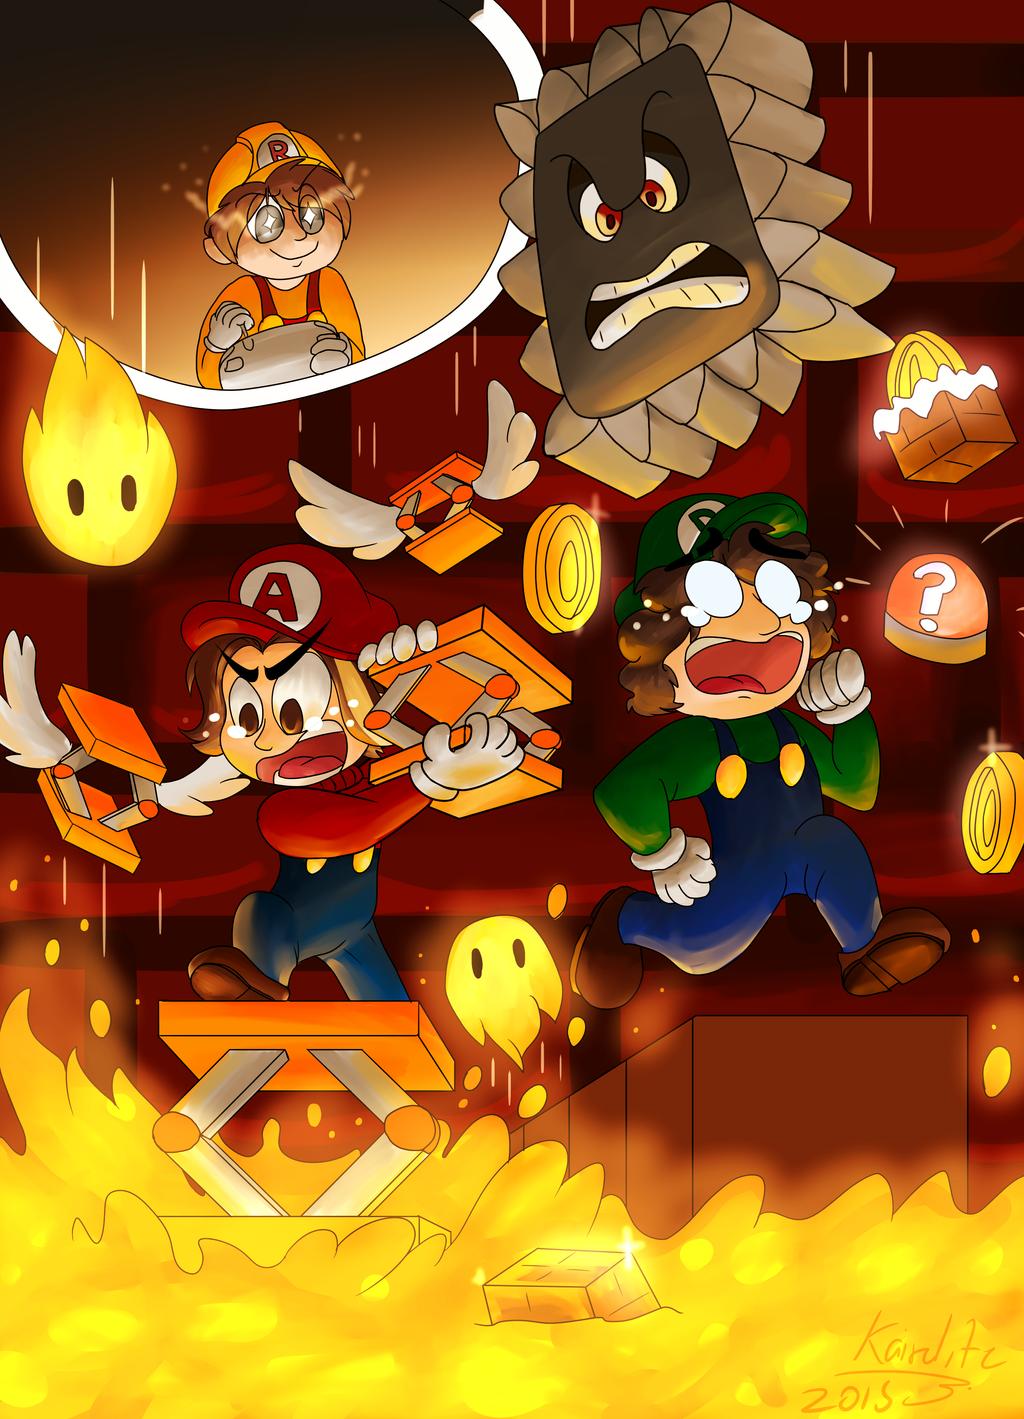 Game Grumps Super Mario Maker By Kazarimaple On Deviantart